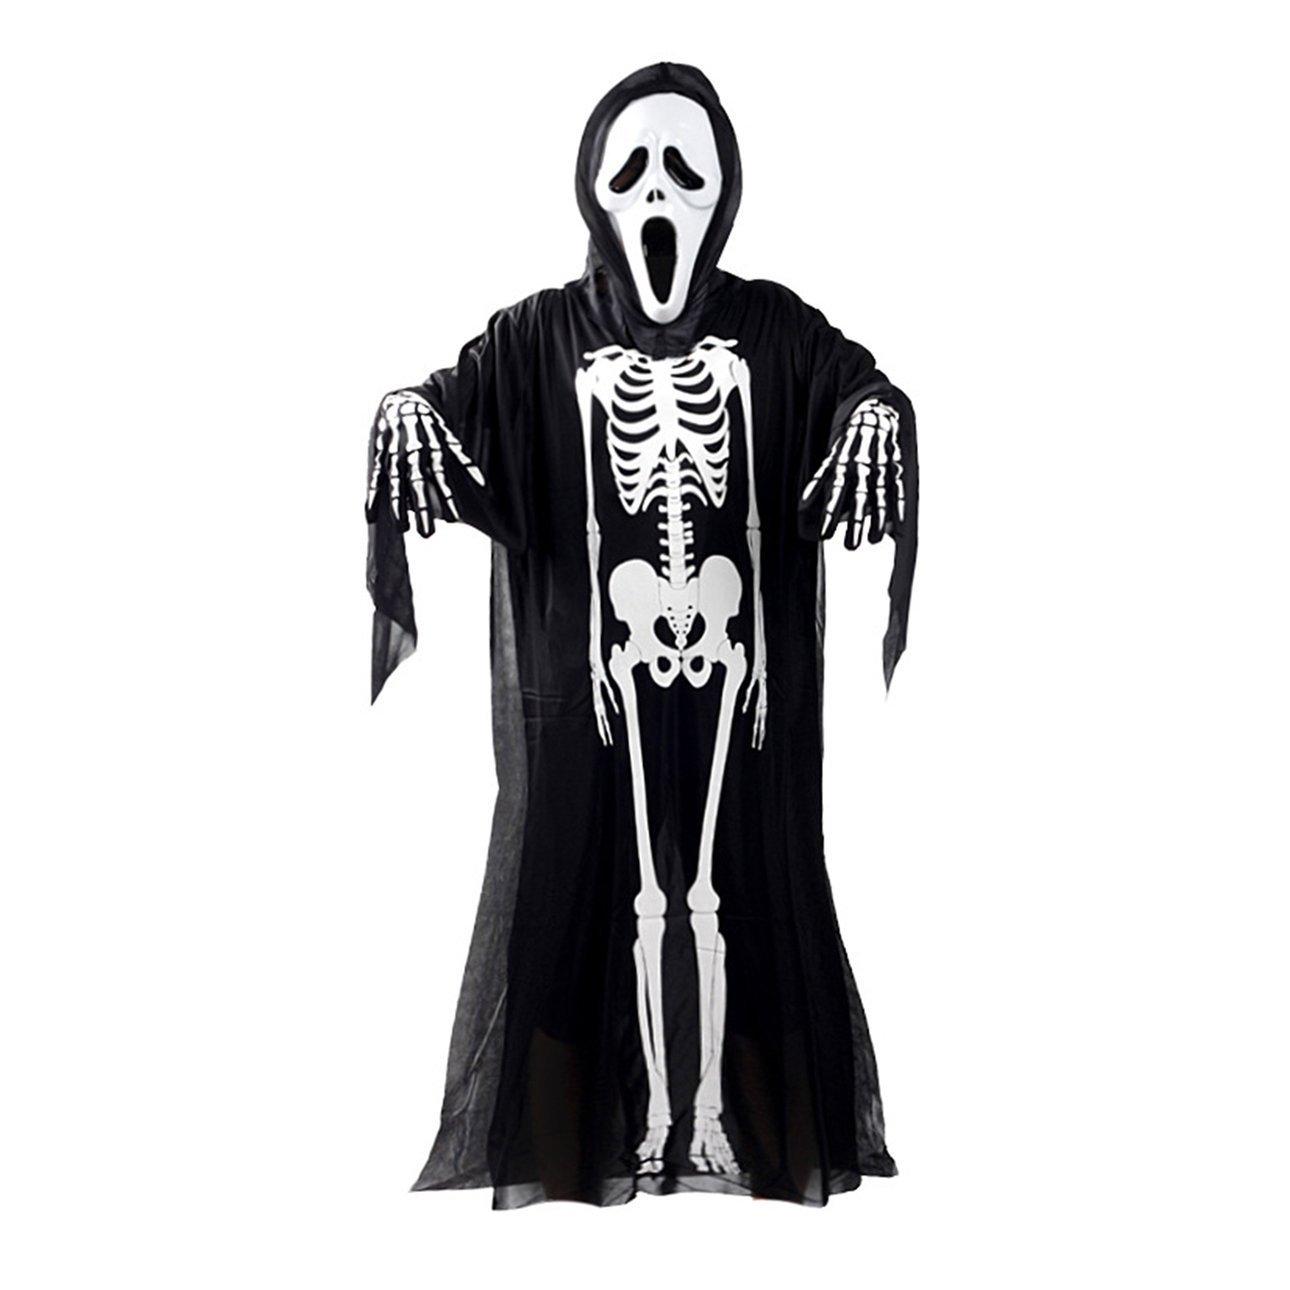 Ballylelly Skull Squelette Fantôme Cosplay Costume Adultes Enfants Halloween Carnaval Mascarade Déguisement Vêtements + Crâne Diable Masque + Gants (Noir et Blanc - Adulte)